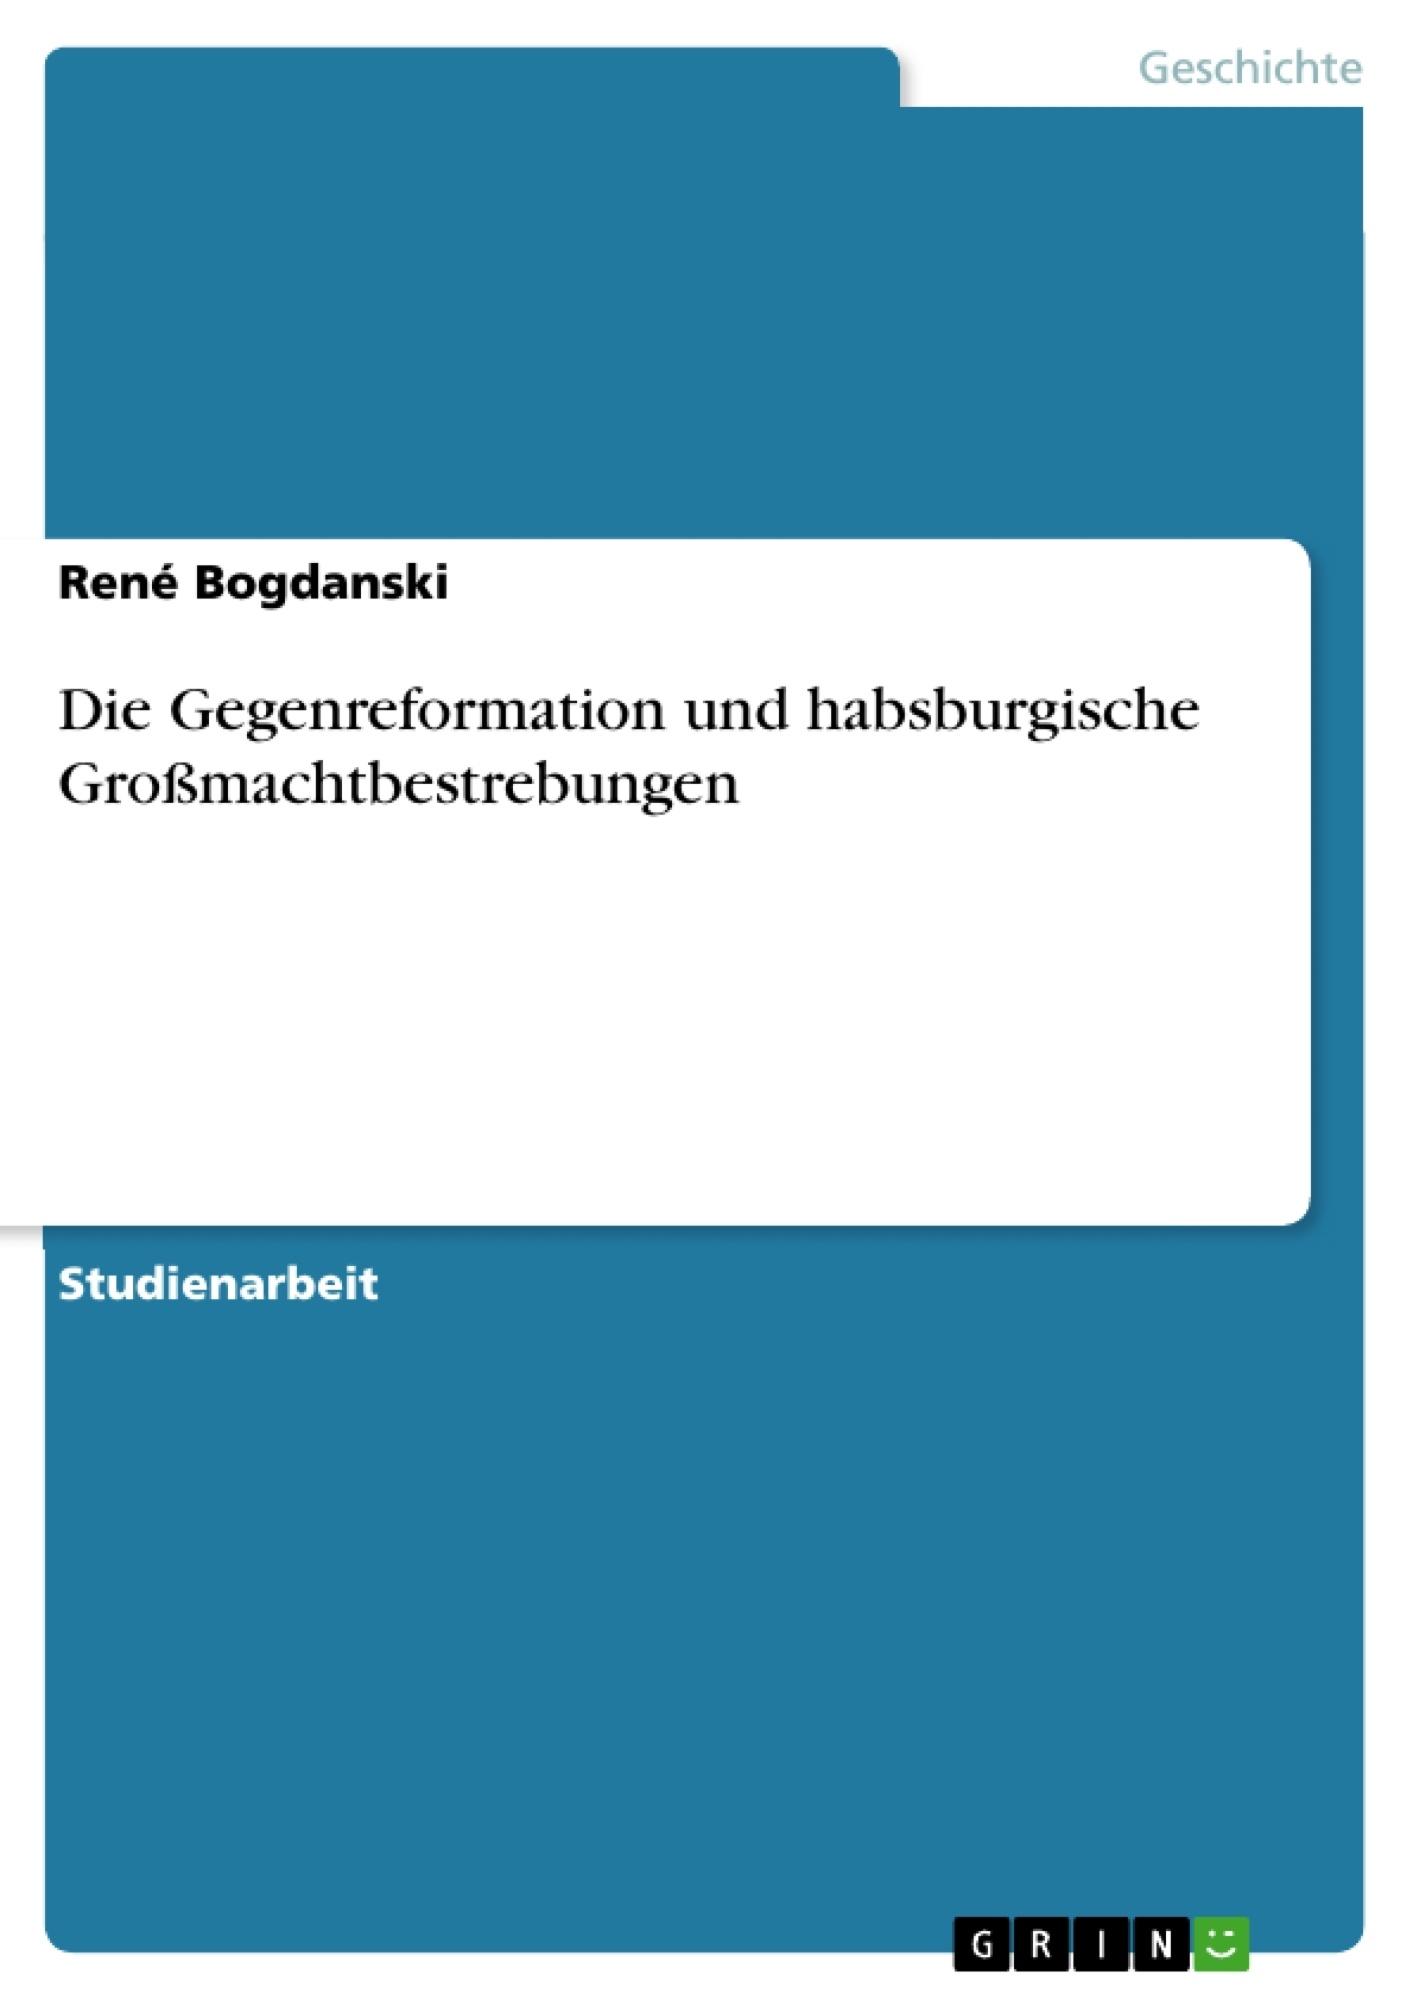 Titel: Die Gegenreformation und habsburgische Großmachtbestrebungen